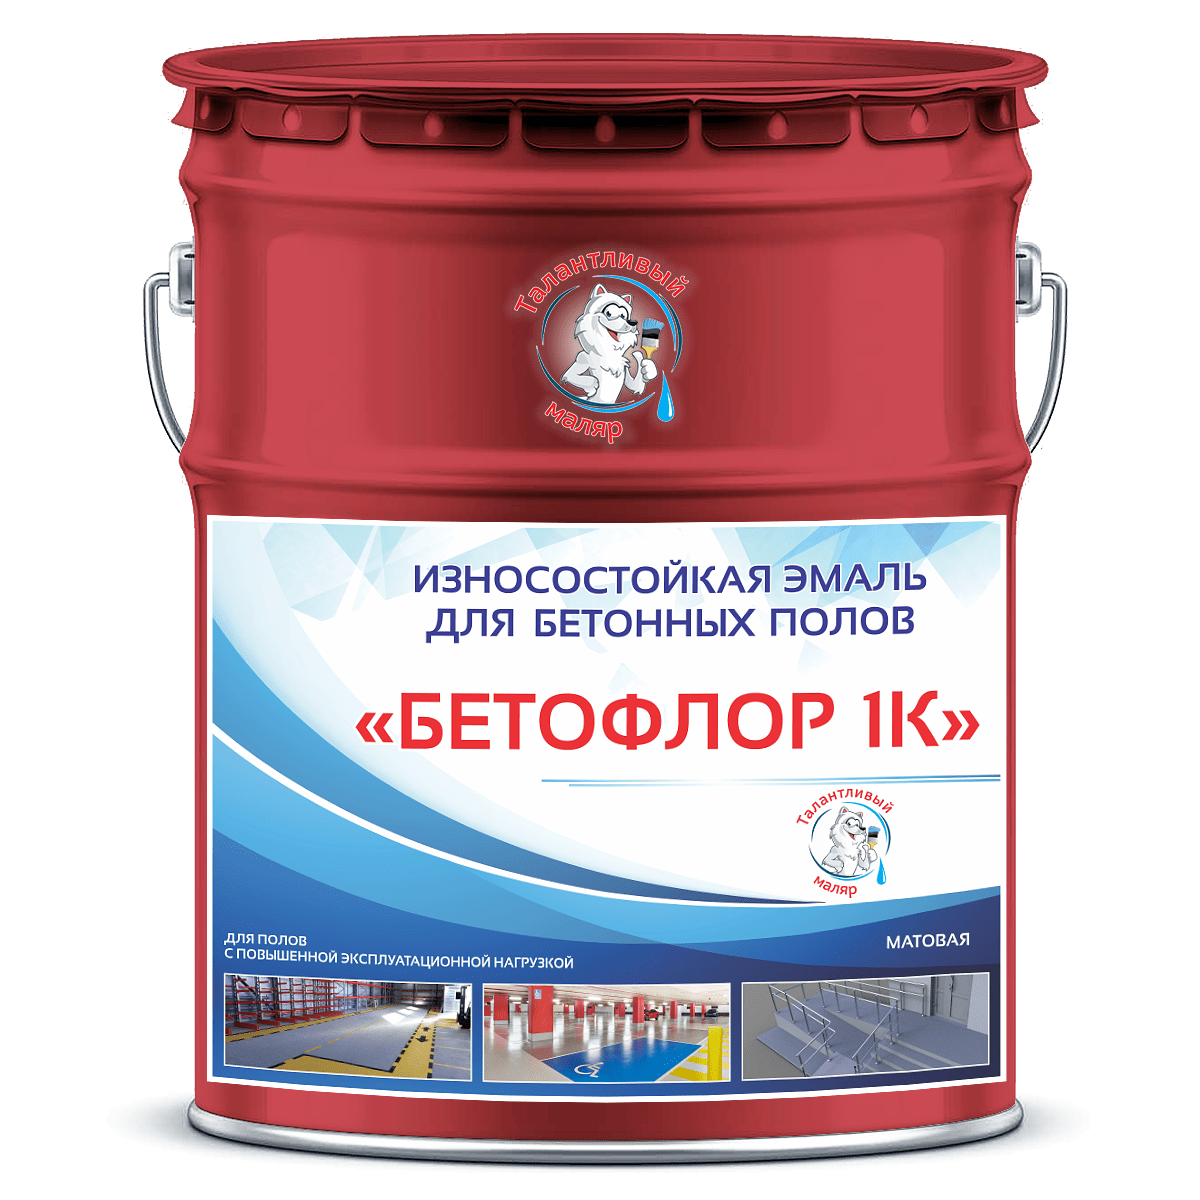 """Фото 12 - BF3031 Эмаль для бетонных полов """"Бетофлор"""" 1К цвет RAL 3031 Красный ориент, матовая износостойкая, 25 кг """"Талантливый Маляр""""."""